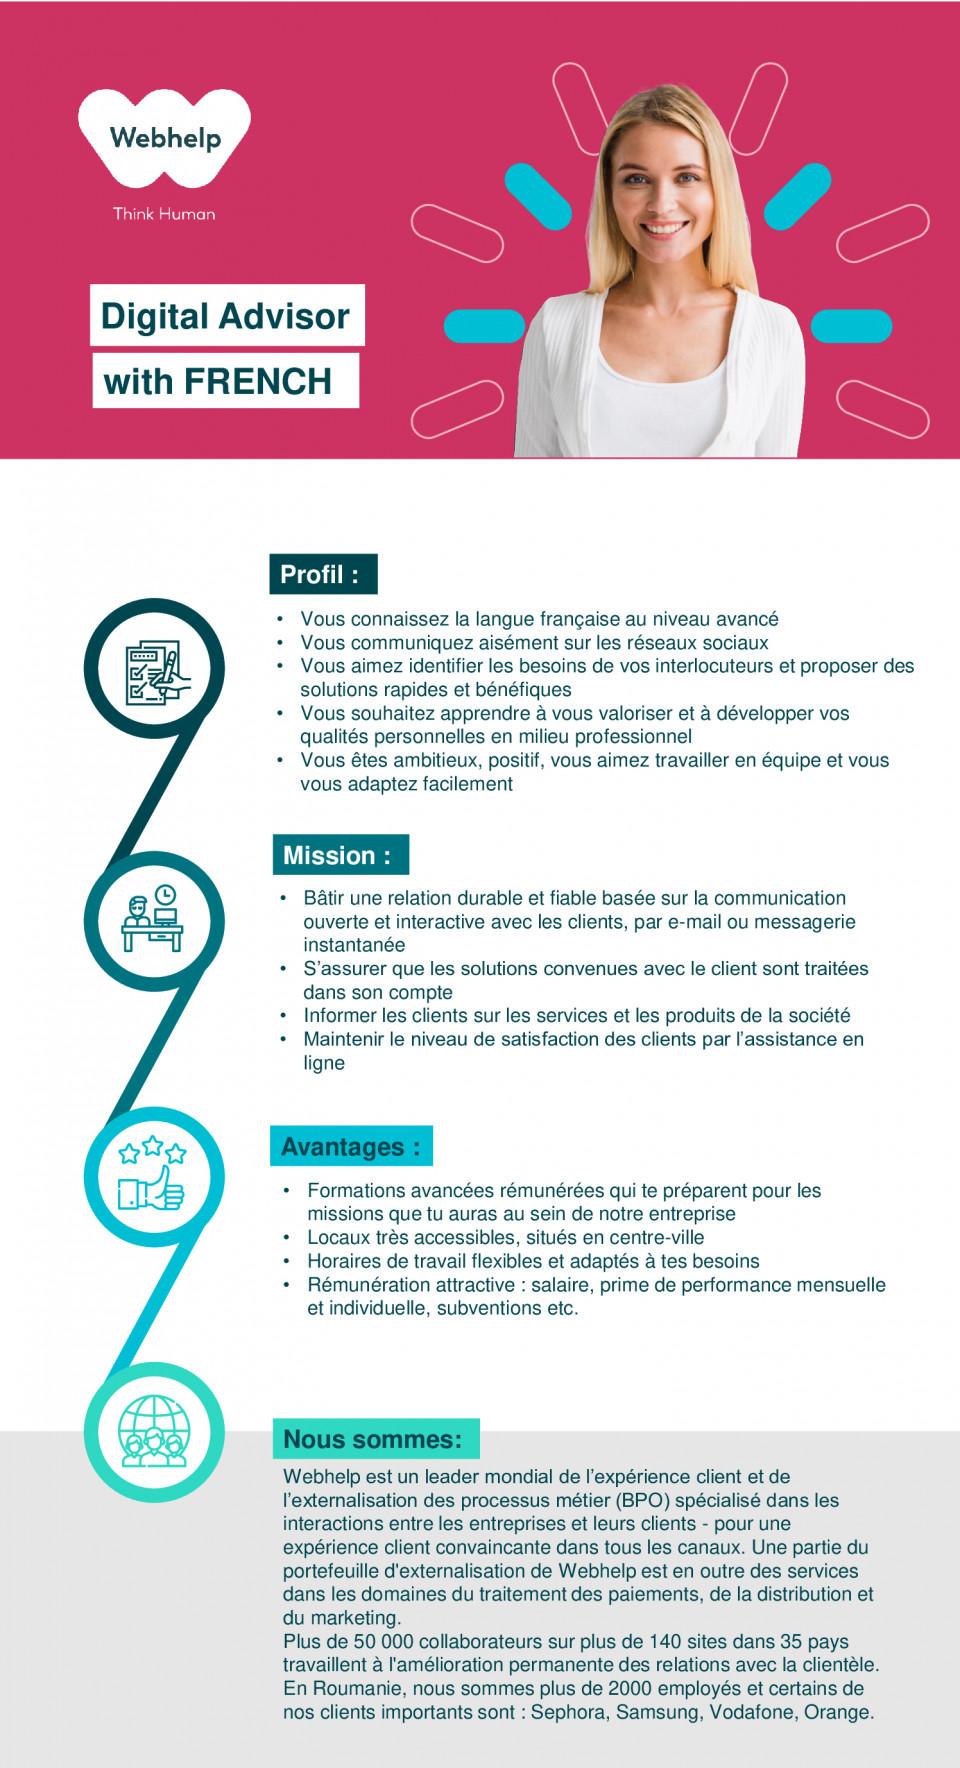 Digital Advisor with French (Telecom Project)  consilier clienti, customer support, franceza, call center, français, telecom, réseaux sociaux, appels sortants, full-time   PROFIL : ✓ Vous connaissez la langue française au niveau avancé ✓ Vous communiquez aisément sur les réseaux sociaux ✓ Vous aimez identifier les besoins de vos interlocuteurs et proposer des solutions rapides et bénéfiques ✓ Vous souhaitez apprendre à vous valoriser et à développer vos qualités personnelles en milieu professionnel ✓ Vous êtes ambitieux, positif, vous aimez travailler en équipe et vous vous adaptez facilement MISSION : ✓ Bâtir une relation durable et fiable basée sur la communication ouverte et interactive avec les clients, par e-mail ou messagerie instantanée ✓ S'assurer que les solutions convenues avec le client sont traitées dans son compte ✓ Informer les clients sur les services et les produits de la société ✓ Maintenir le niveau de satisfaction des clients par l'assistance en ligne NOUS SOMMES : WEBHELP est un leader mondial de l'expérience client et de l'externalisation des processus métier (BPO) spécialisé dans les interactions entre les entreprises et leurs clients - pour une expérience client convaincante dans tous les canaux. Une partie du portefeuille d'externalisation de Webhelp est en outre des services dans les domaines du traitement des paiements, de la distribution et du marketing. Plus de 50 000 collaborateurs sur plus de 140 sites dans 35 pays travaillent à l'amélioration permanente des relations avec la clientèle. En Roumanie, nous sommes plus de 2000 employés et certains de nos clients importants sont : Sephora, Samsung, Vodafone, Orange.